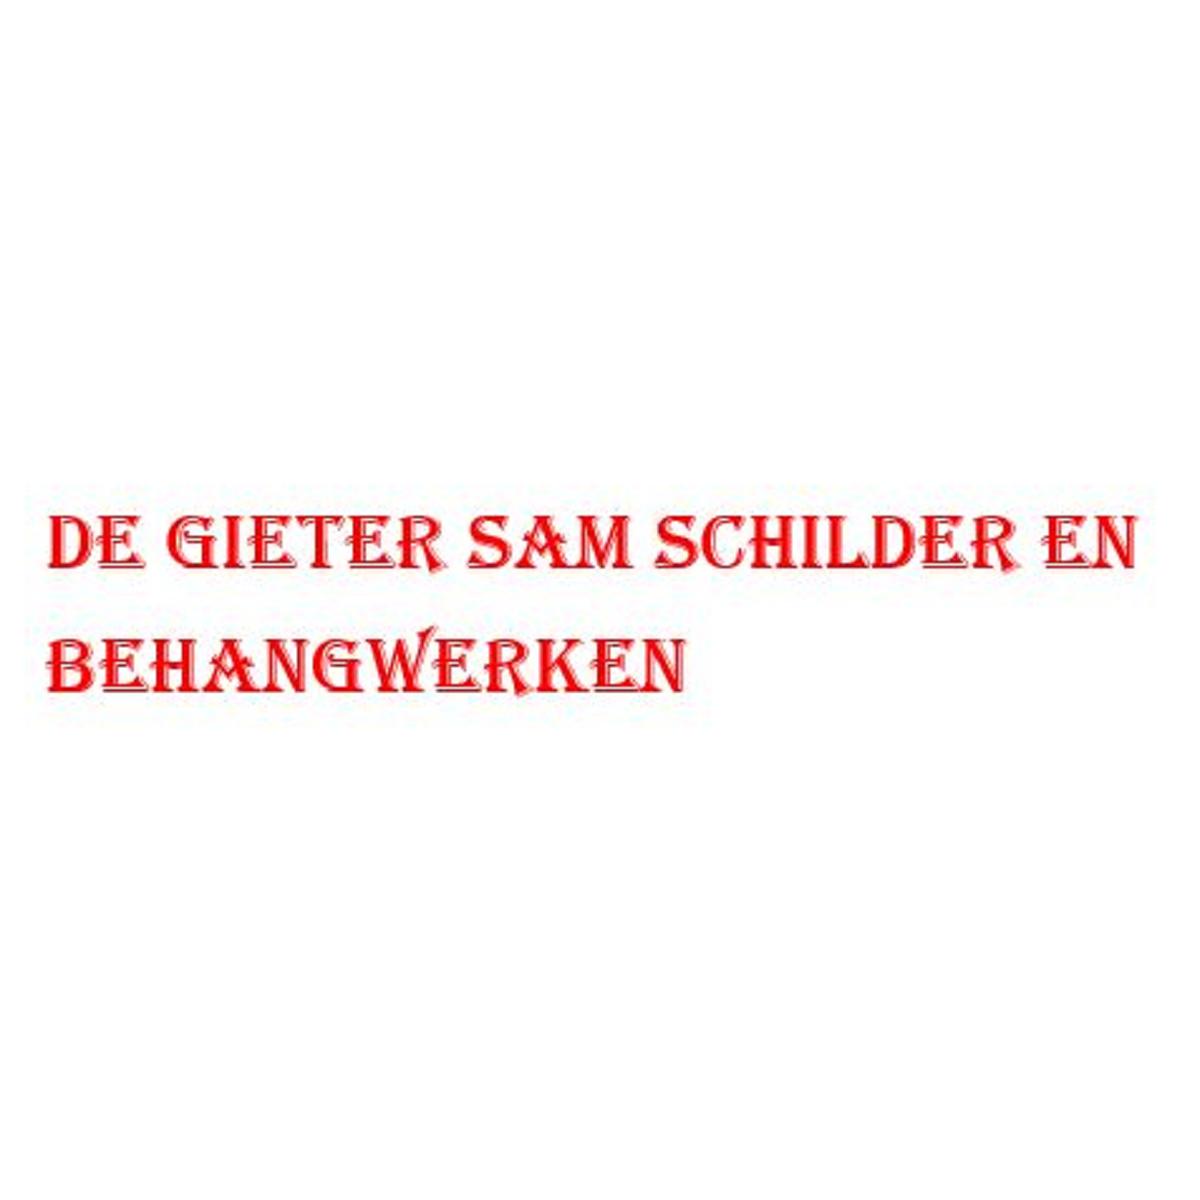 De Gieter Sam Schilder en Behangwerken